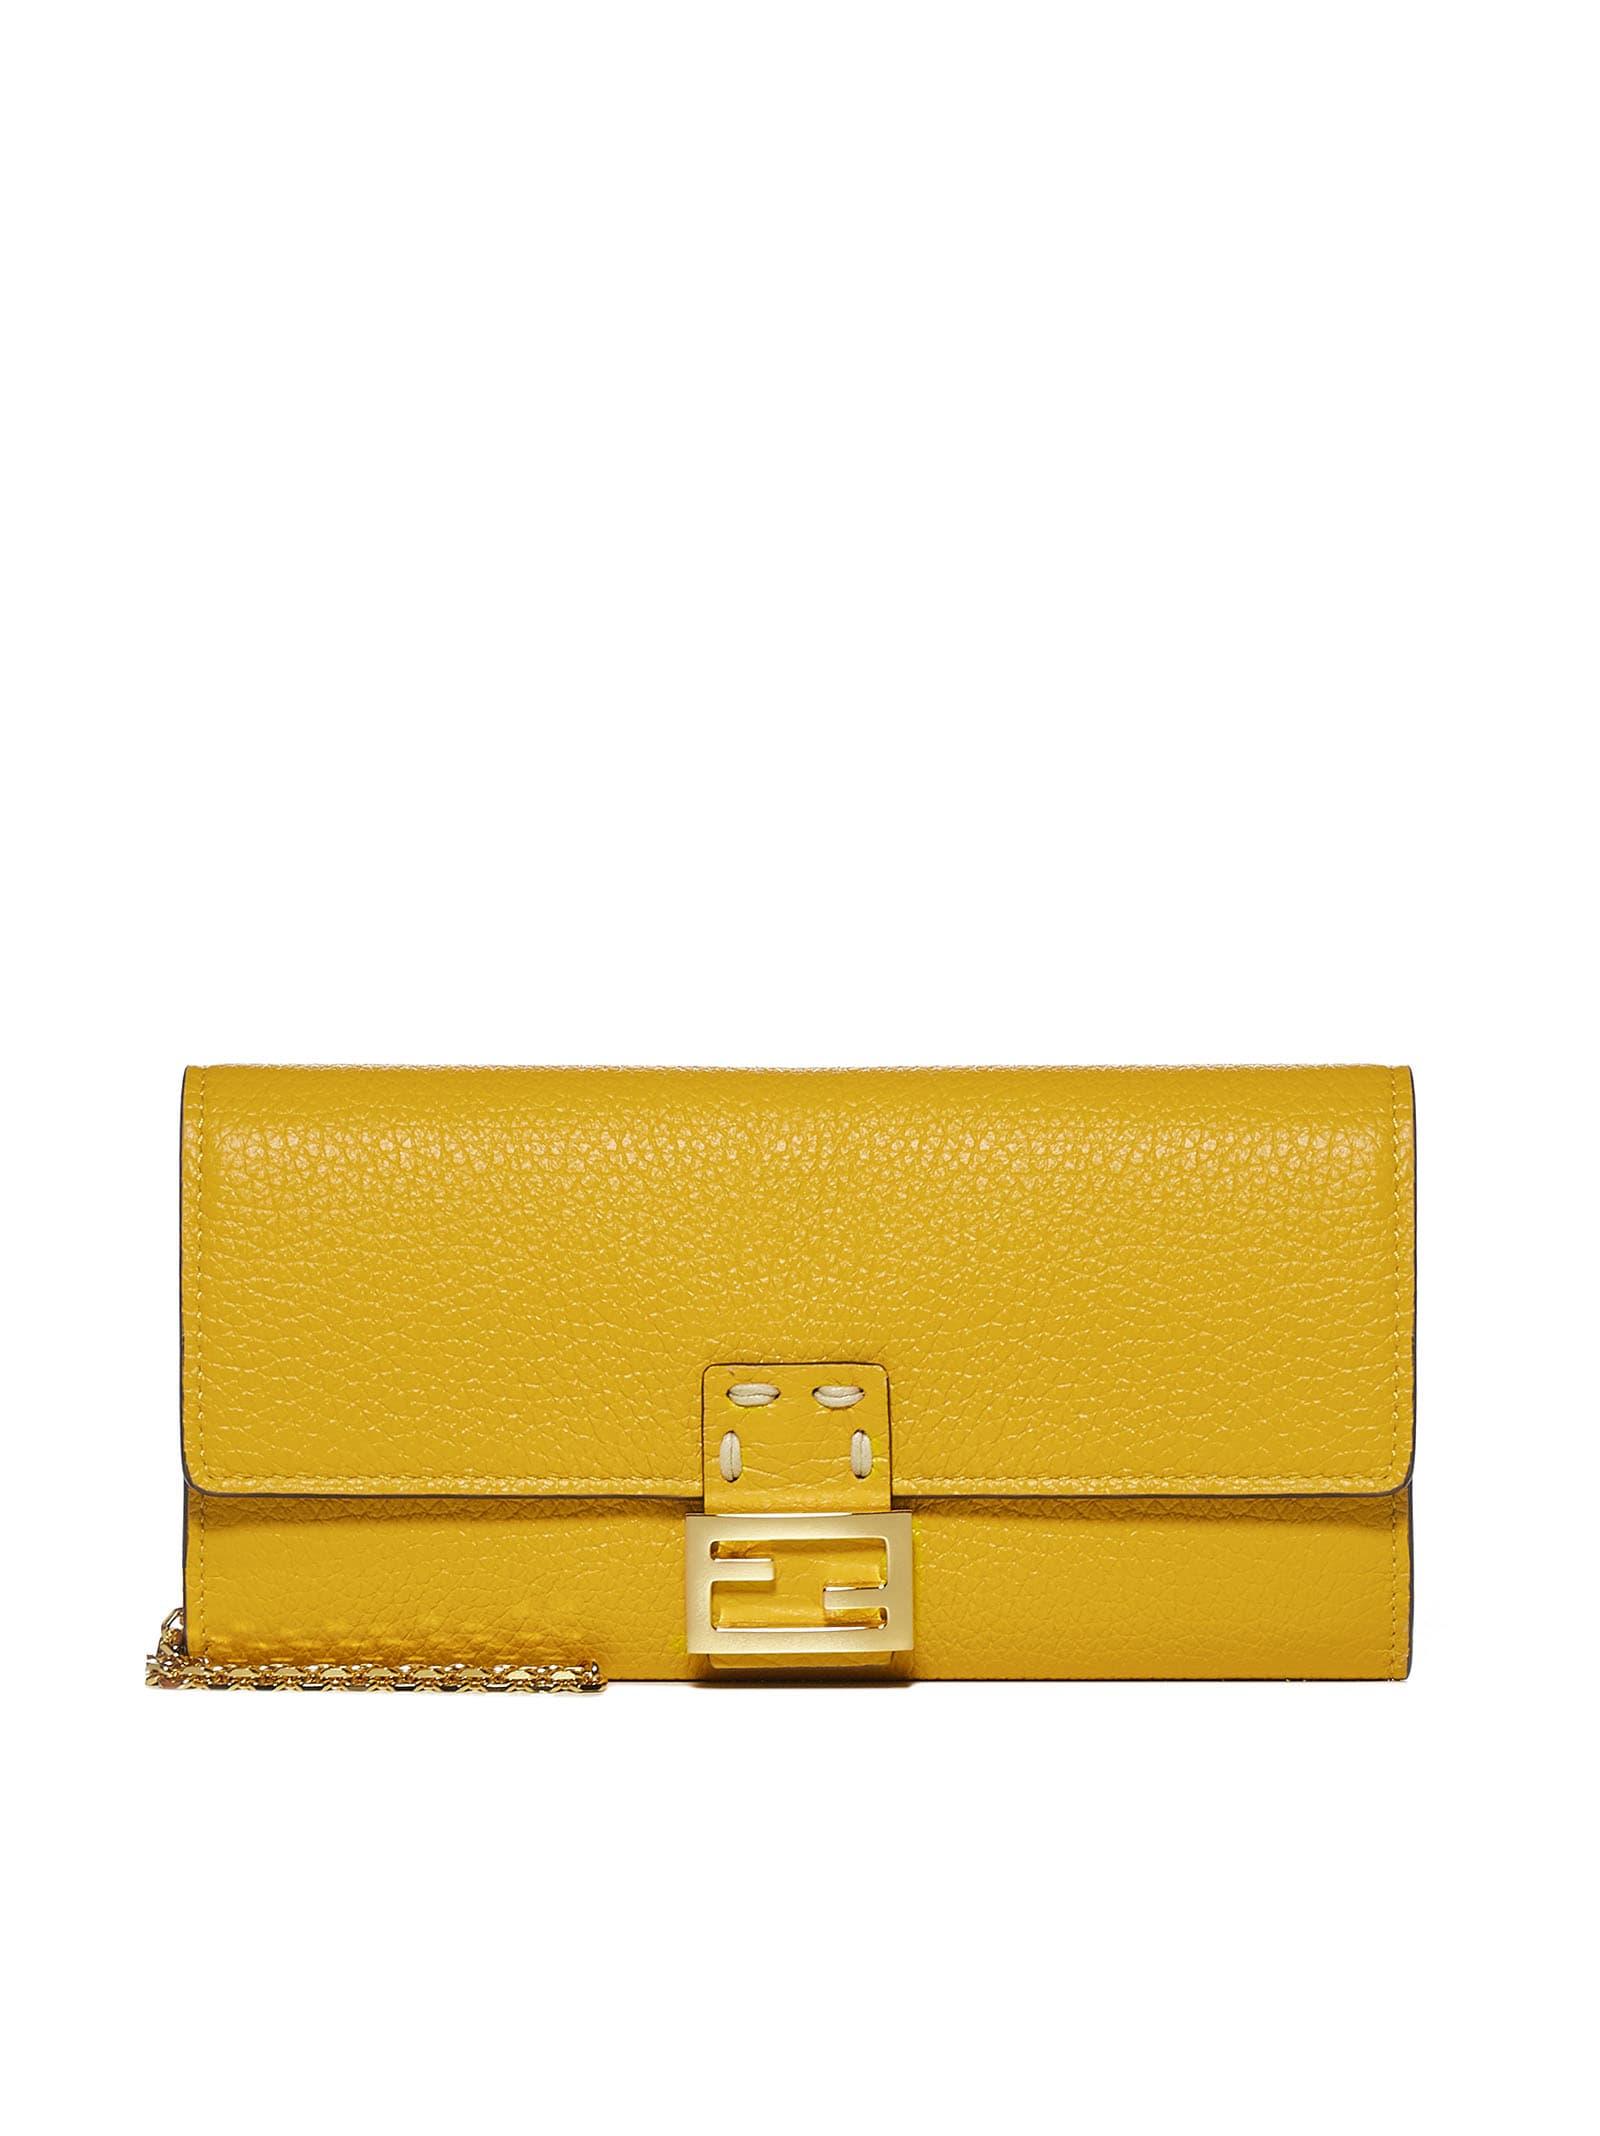 Fendi Wallet In Mimosa Oro Soft